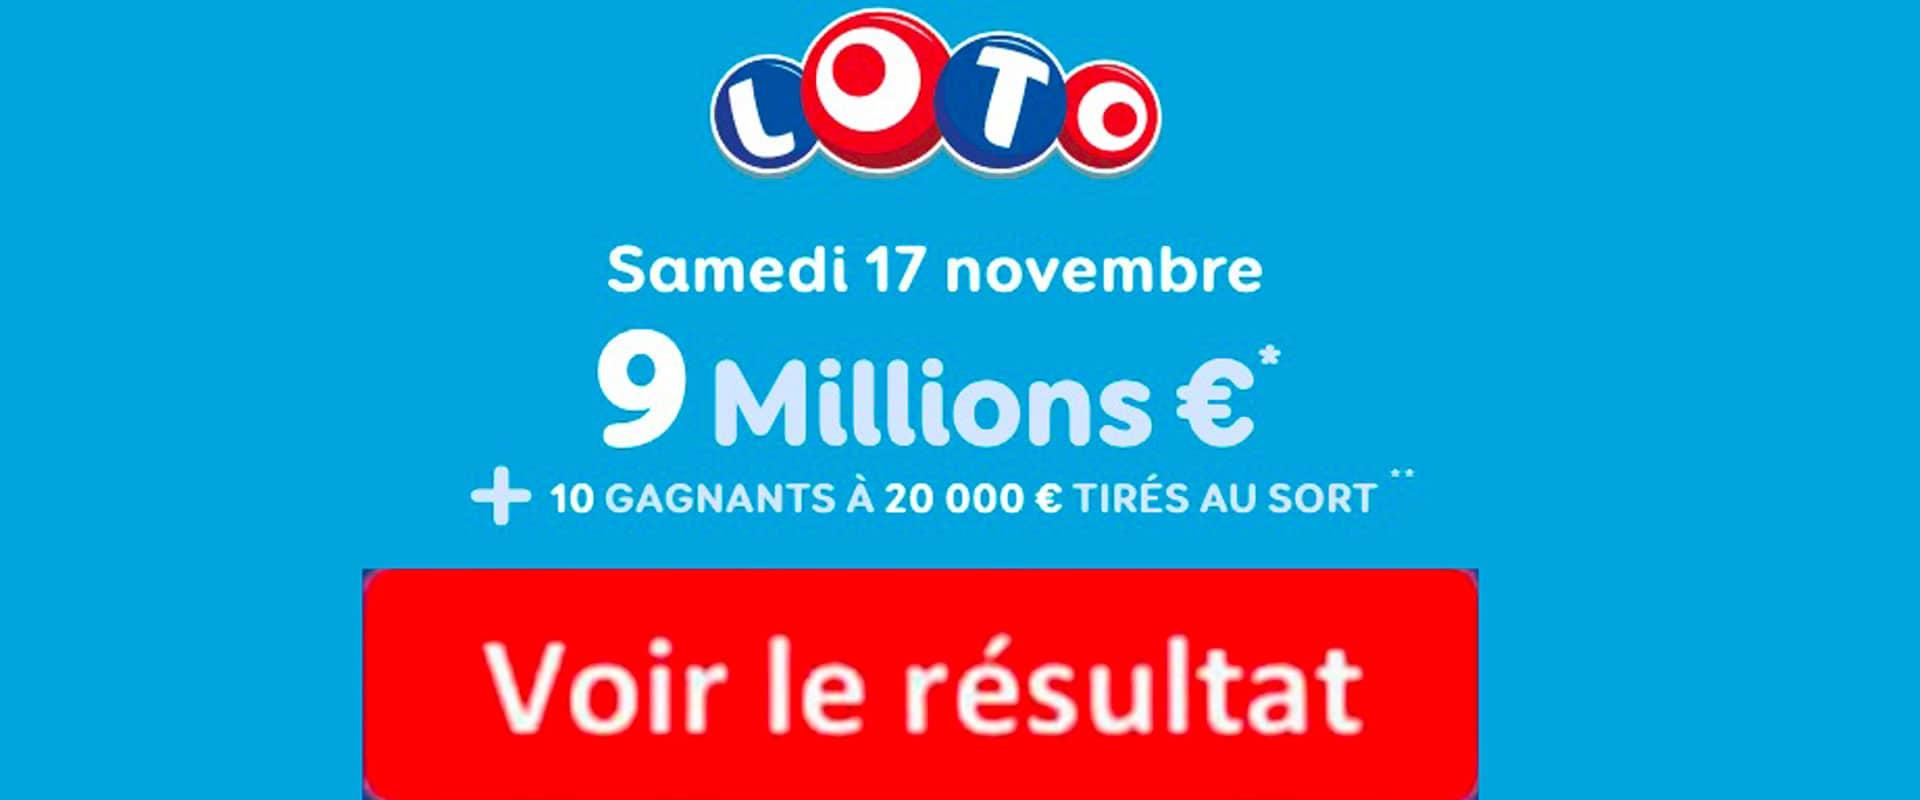 fdj resultat loto 17 novembre 2018